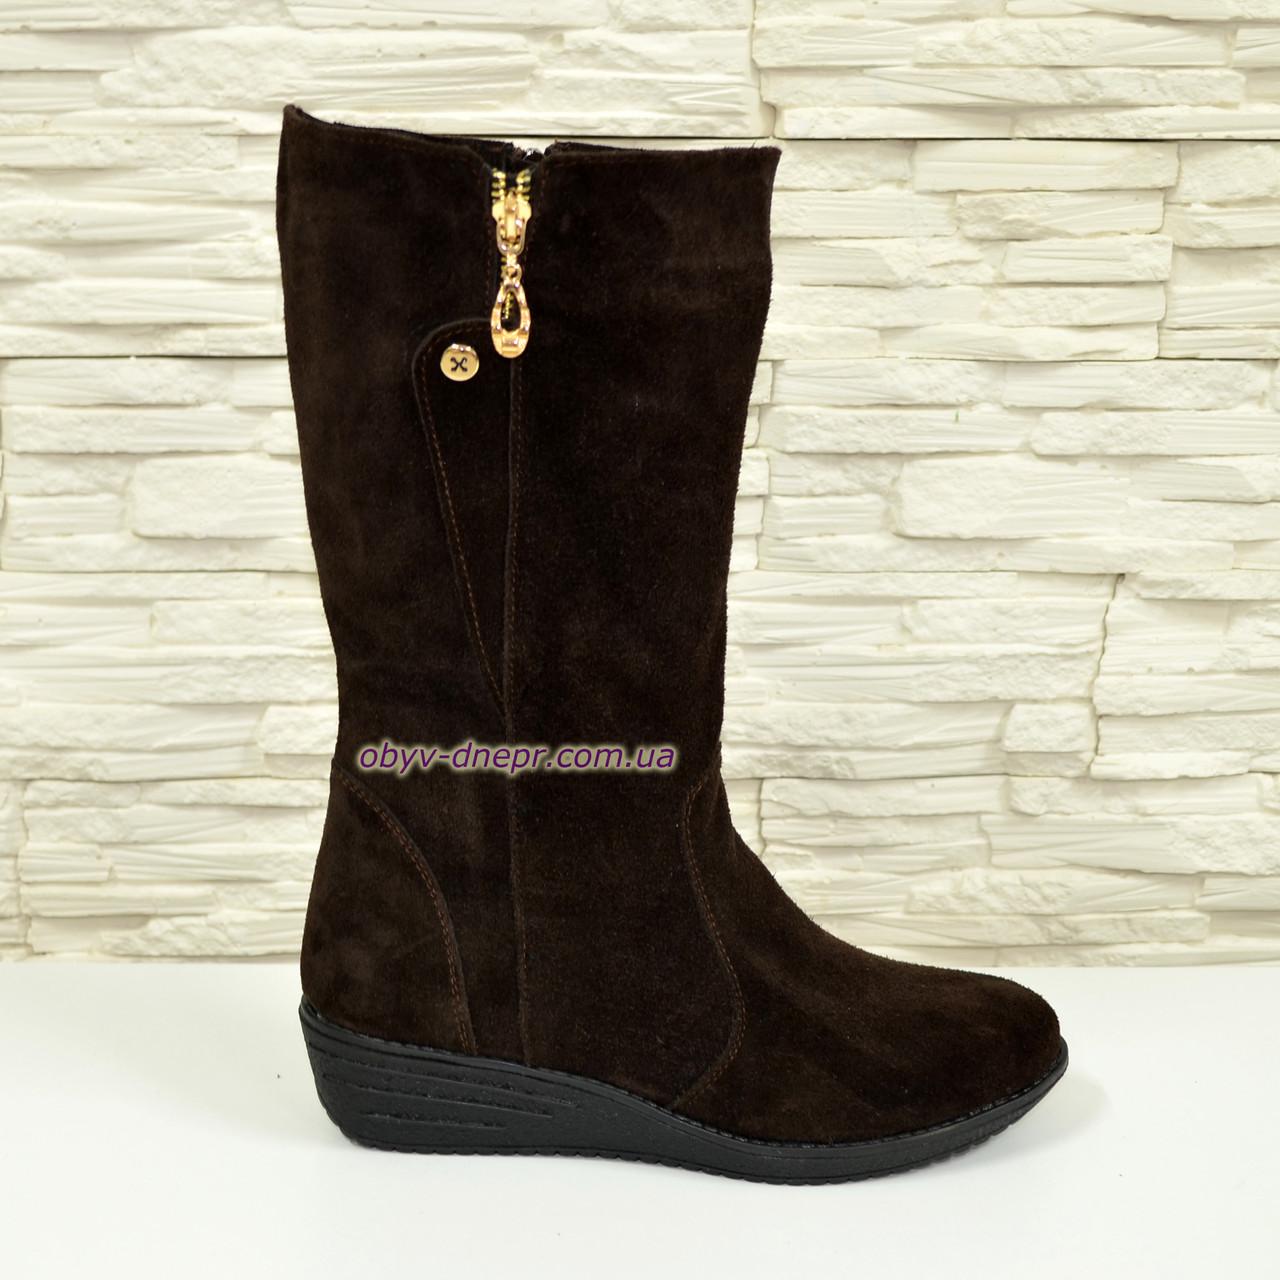 Женские демисезонные ботинки на невысокой платформе, натуральная коричневая замша. Широкая голень!